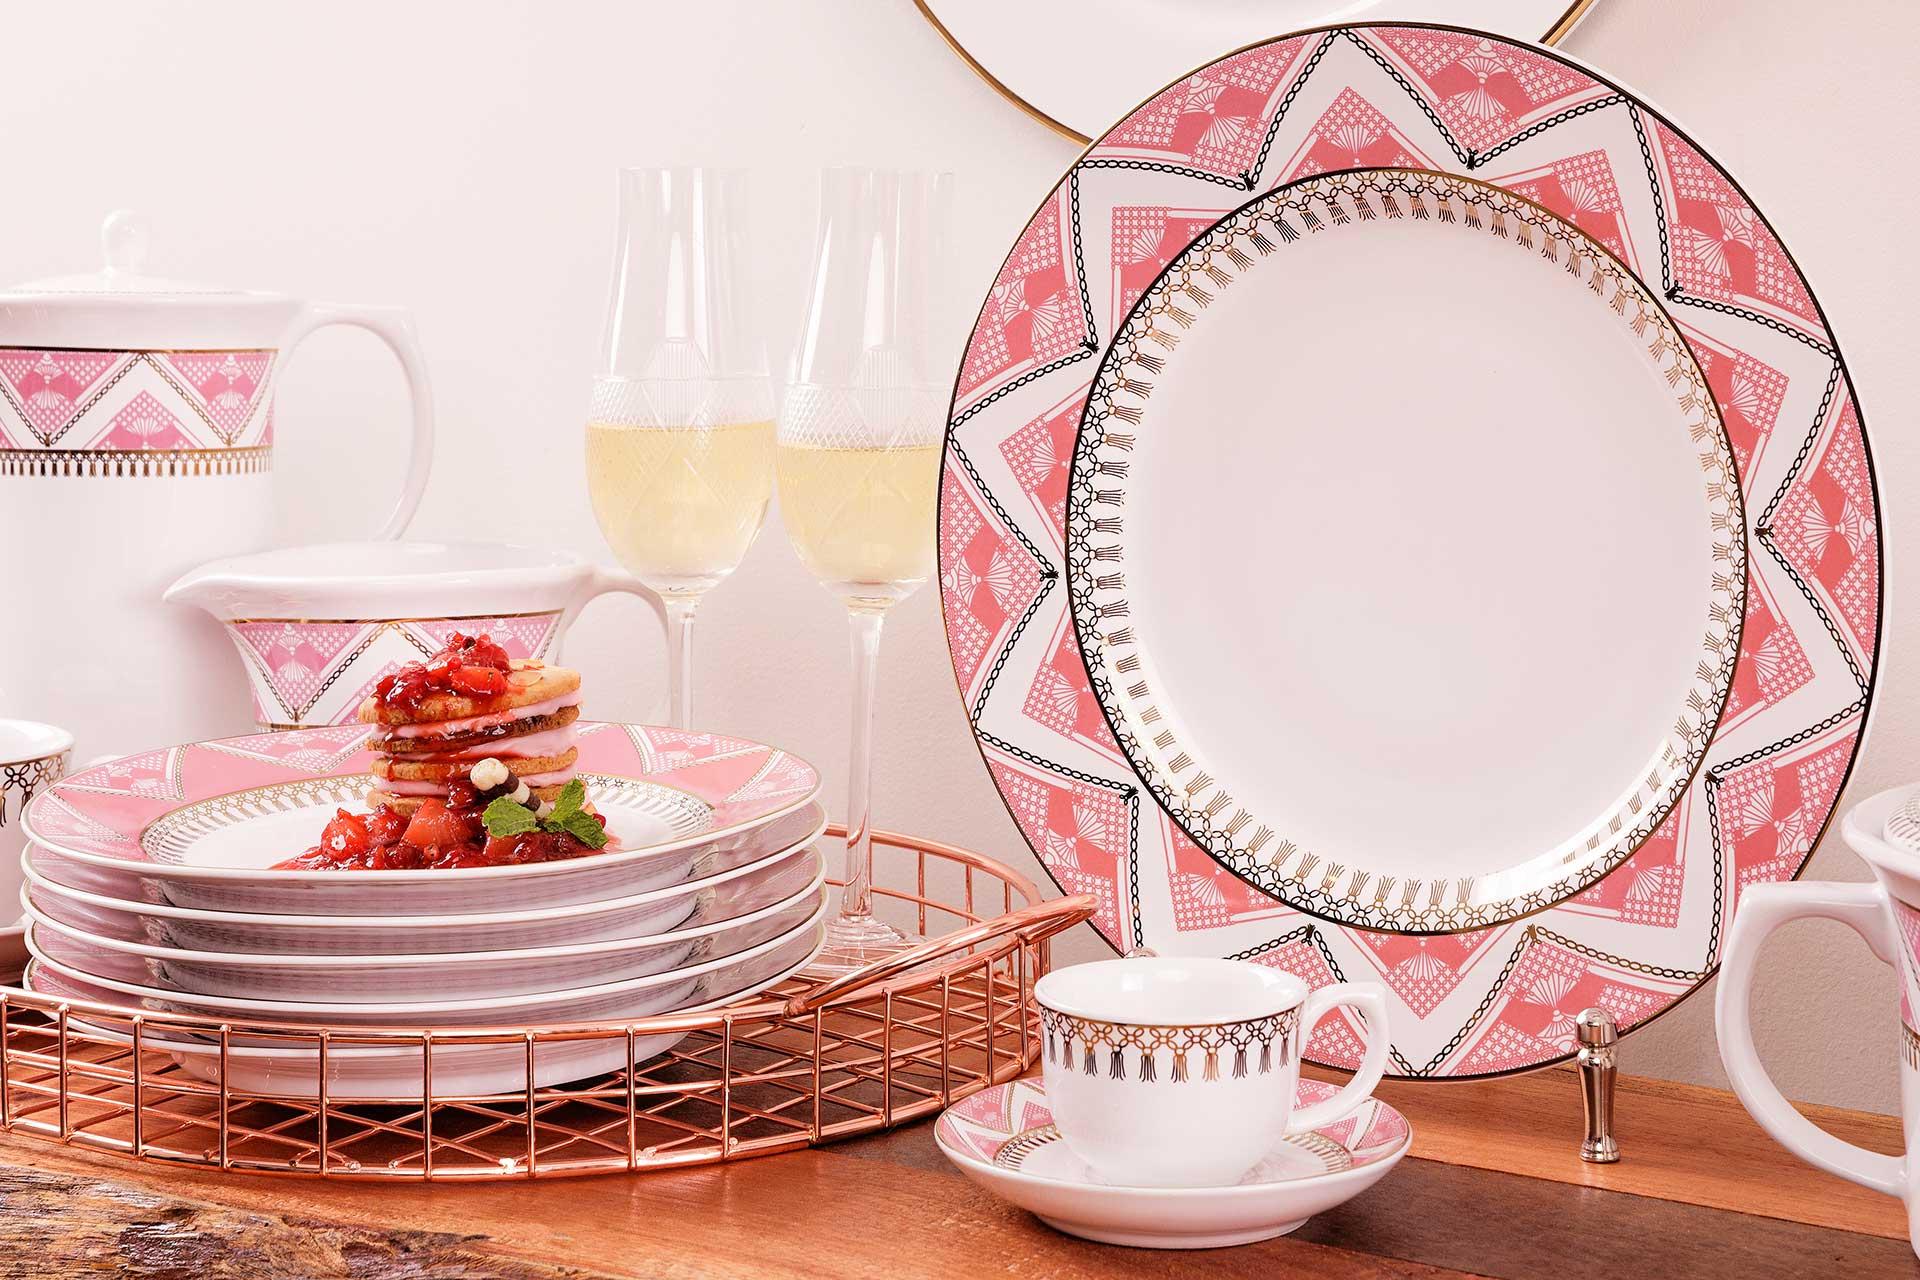 Imagem: Coleção Flamingo Macramê, da linha Oxford Porcelanas. A decoração é inspirada na técnica artesanal de mesmo nome da coleção e também possui detalhes feitos com ouro de micro-ondas.